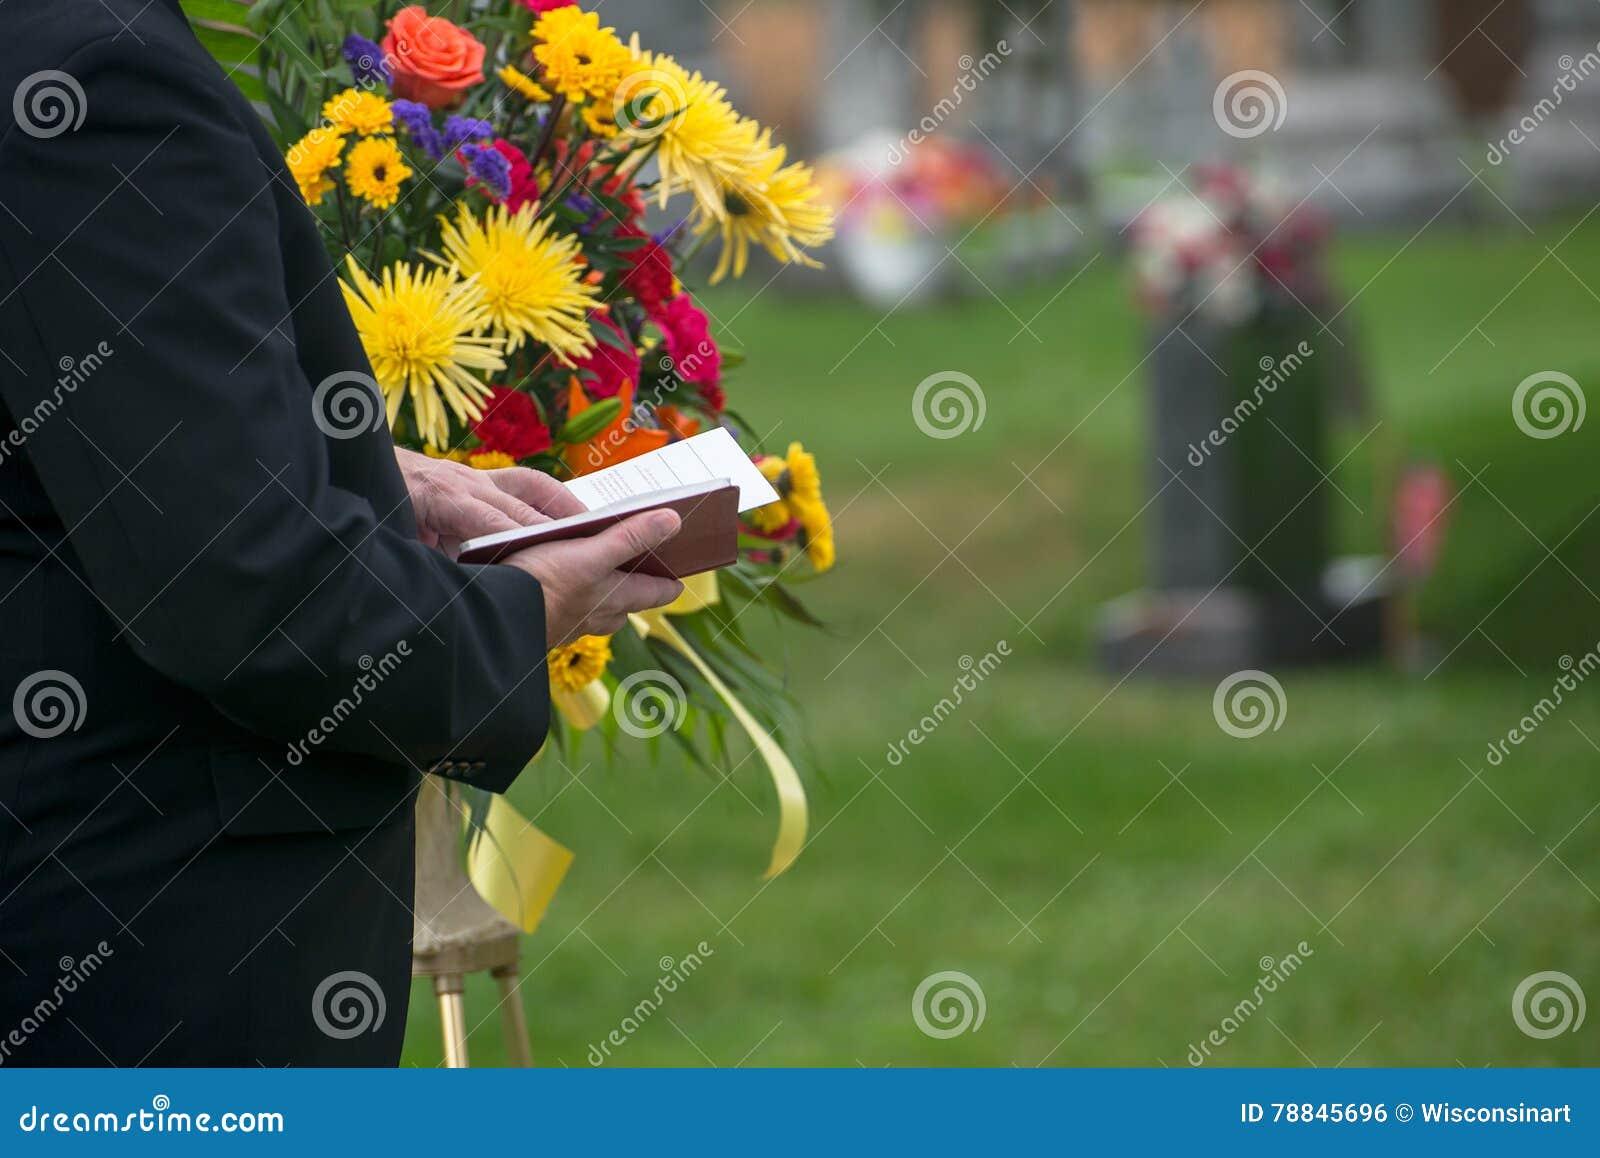 Entierro, servicio de entierro, muerte, pena